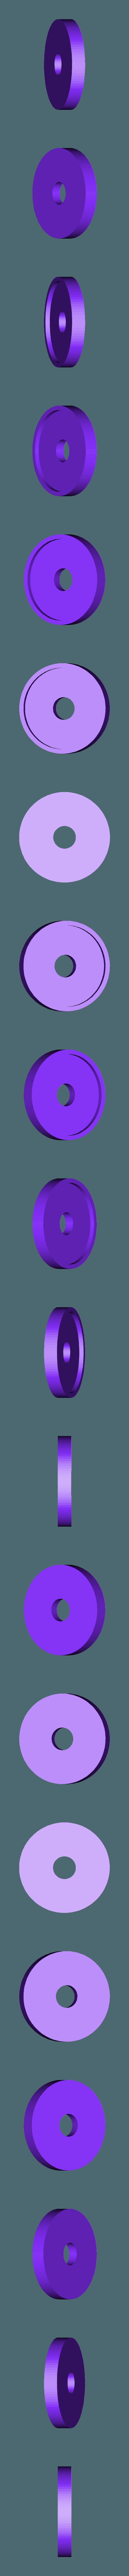 Wheel.stl Télécharger fichier STL gratuit Métro de NYC • Modèle pour imprimante 3D, Dsk